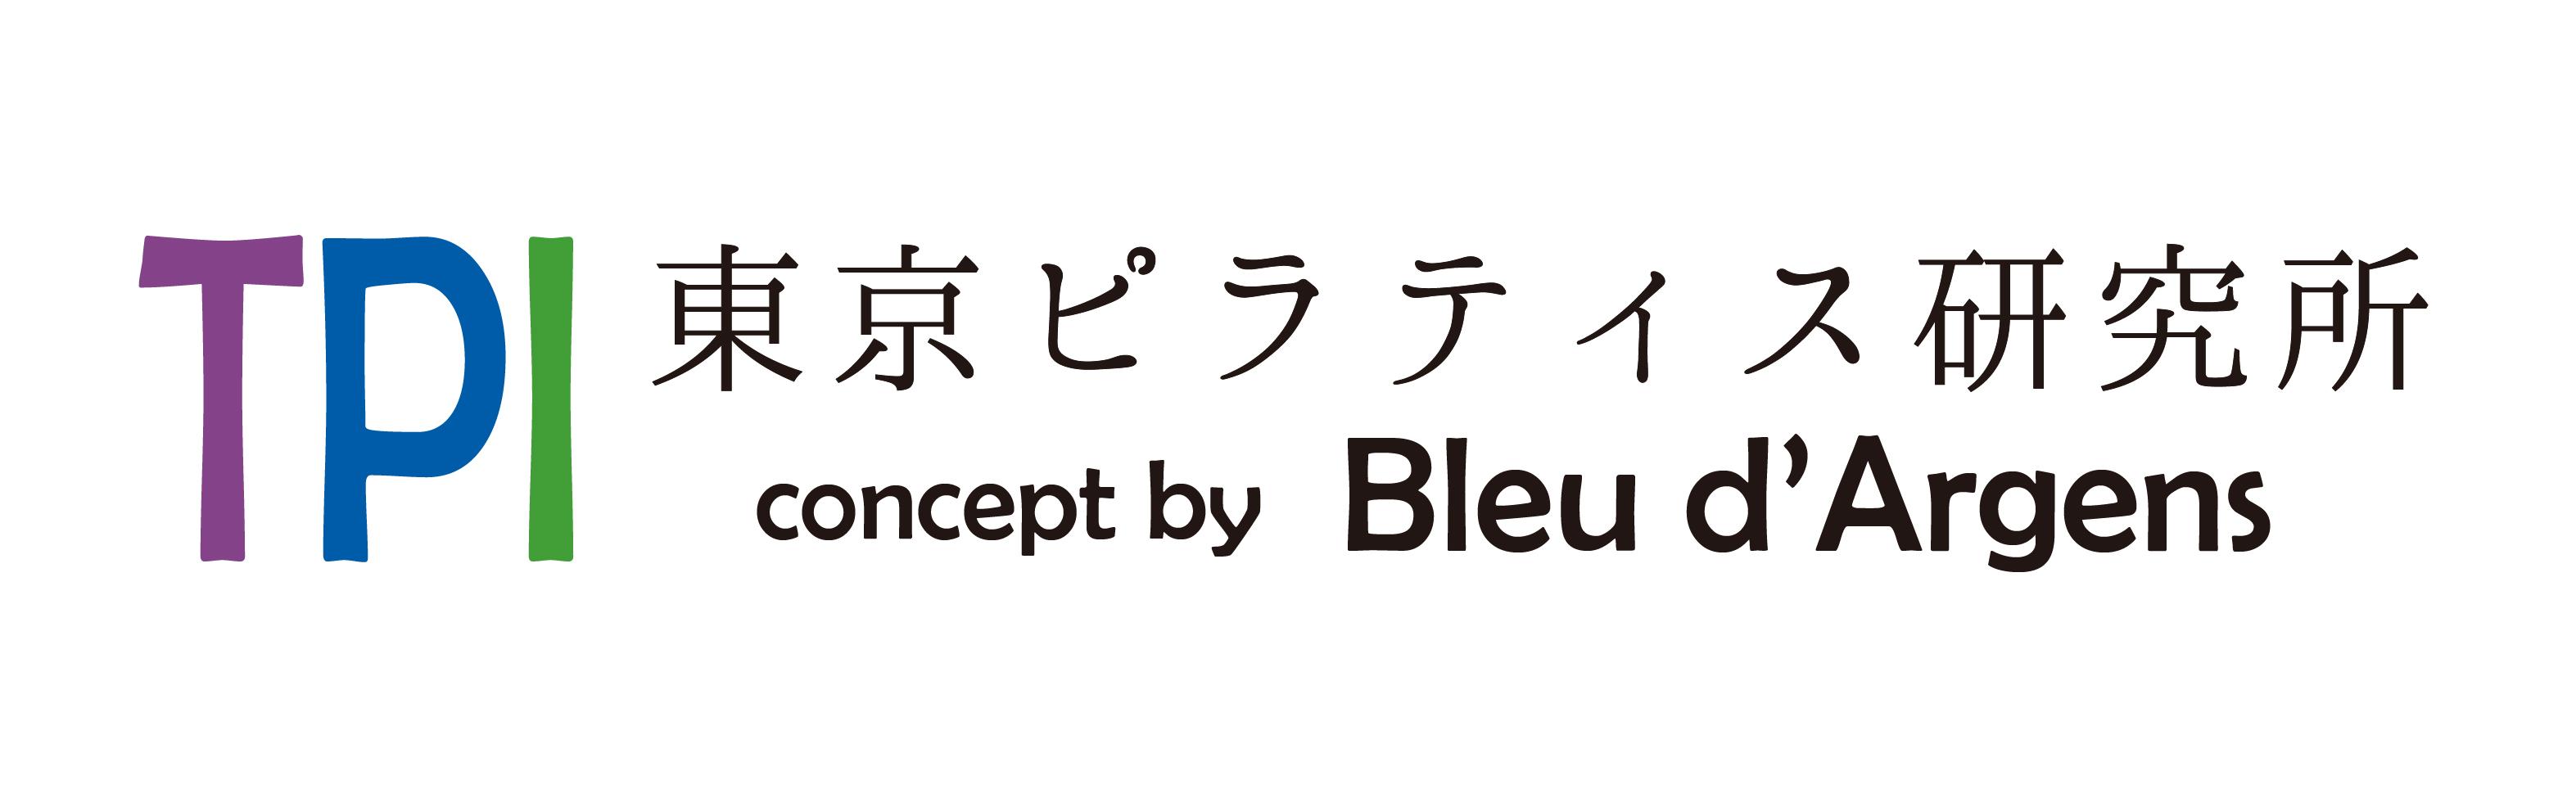 東京ピラティス研究所 | 神楽坂・飯田橋・市ヶ谷 | プライベート・パーソナルトレーニング